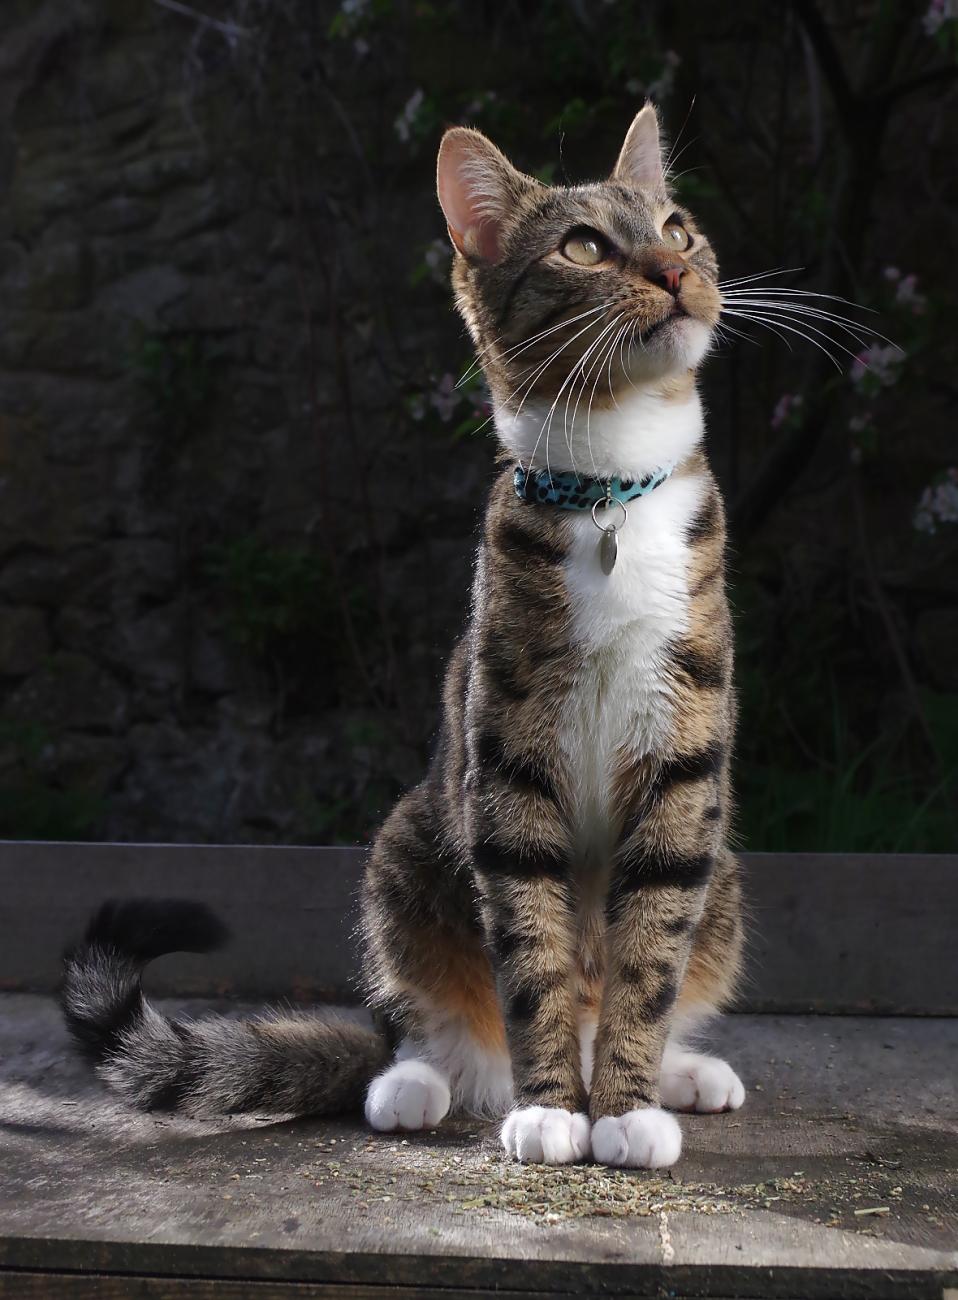 Posing Cat By Turniptowers Ephotozine